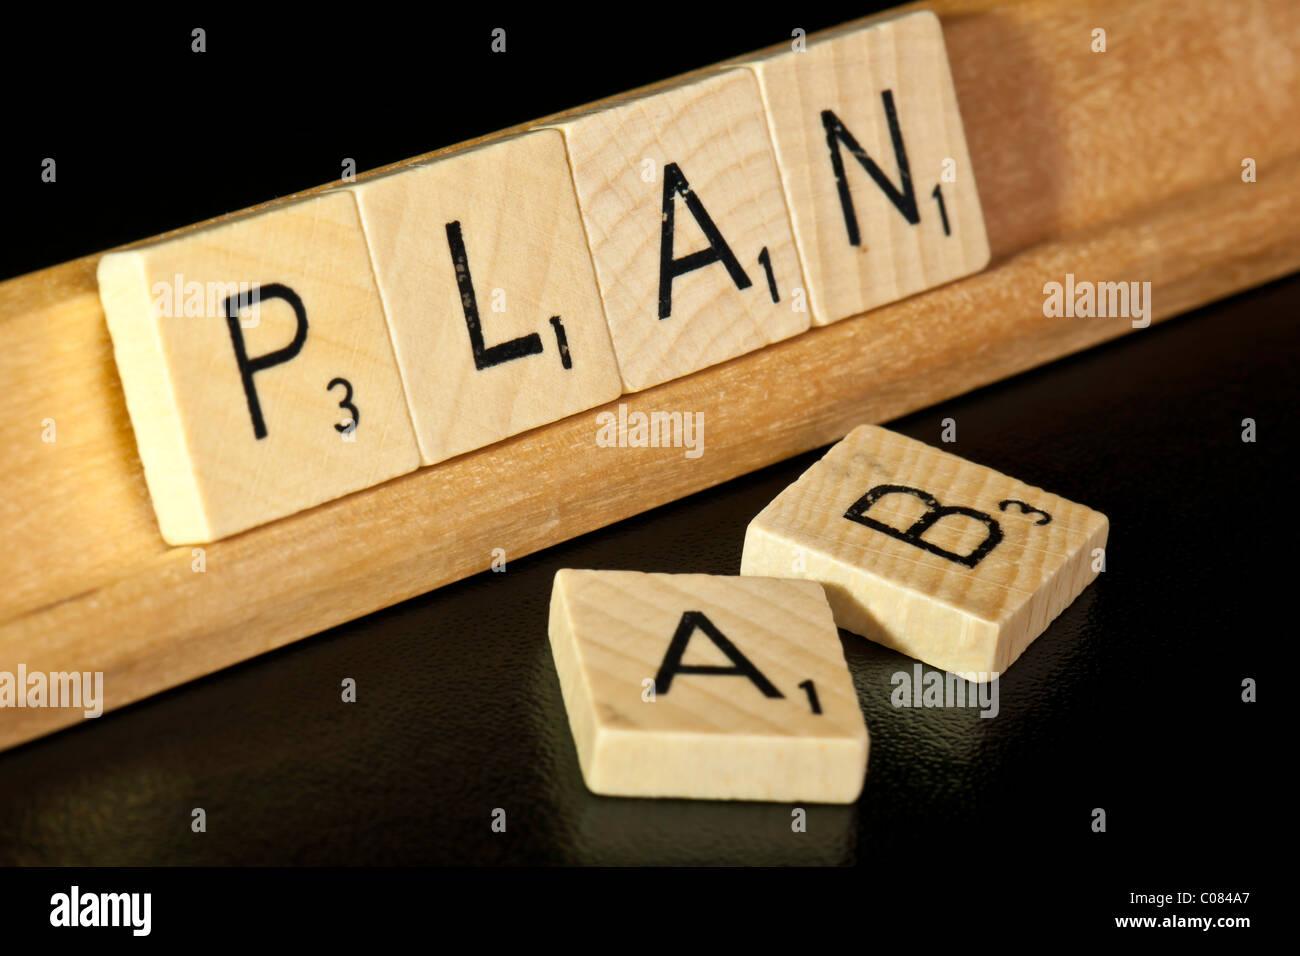 Plan A or Plan B? - Stock Image